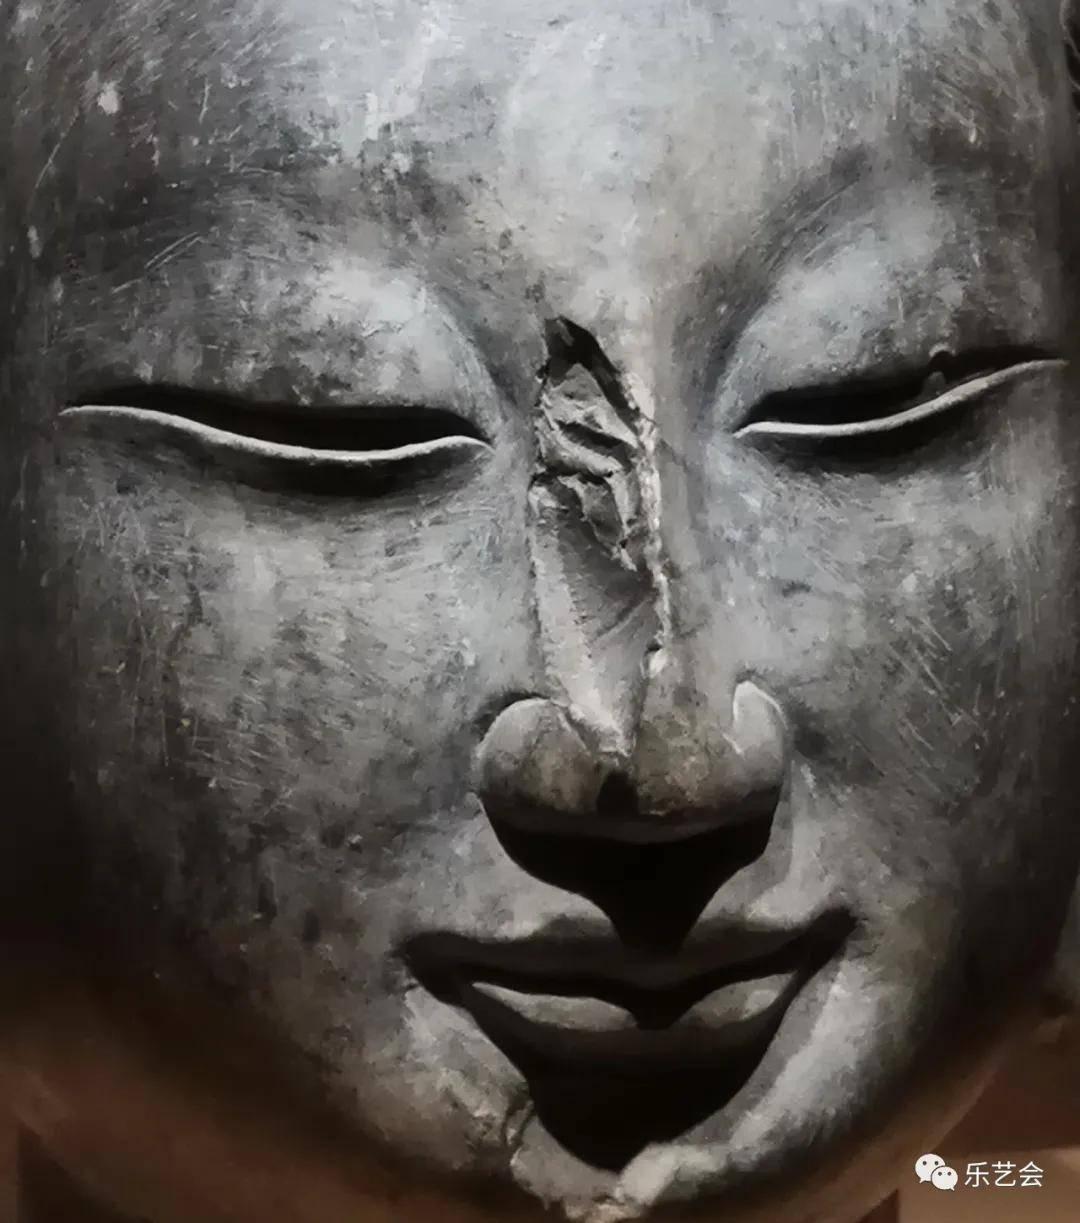 申一涵分享:《相由心生——山东博兴佛造像展》造像艺术下篇